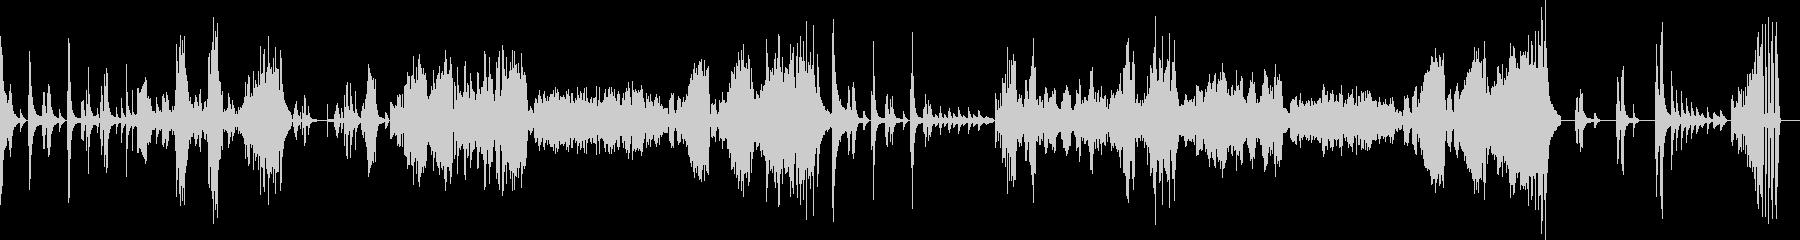 ベートーヴェンピアノソナタ悲愴第一楽章の未再生の波形